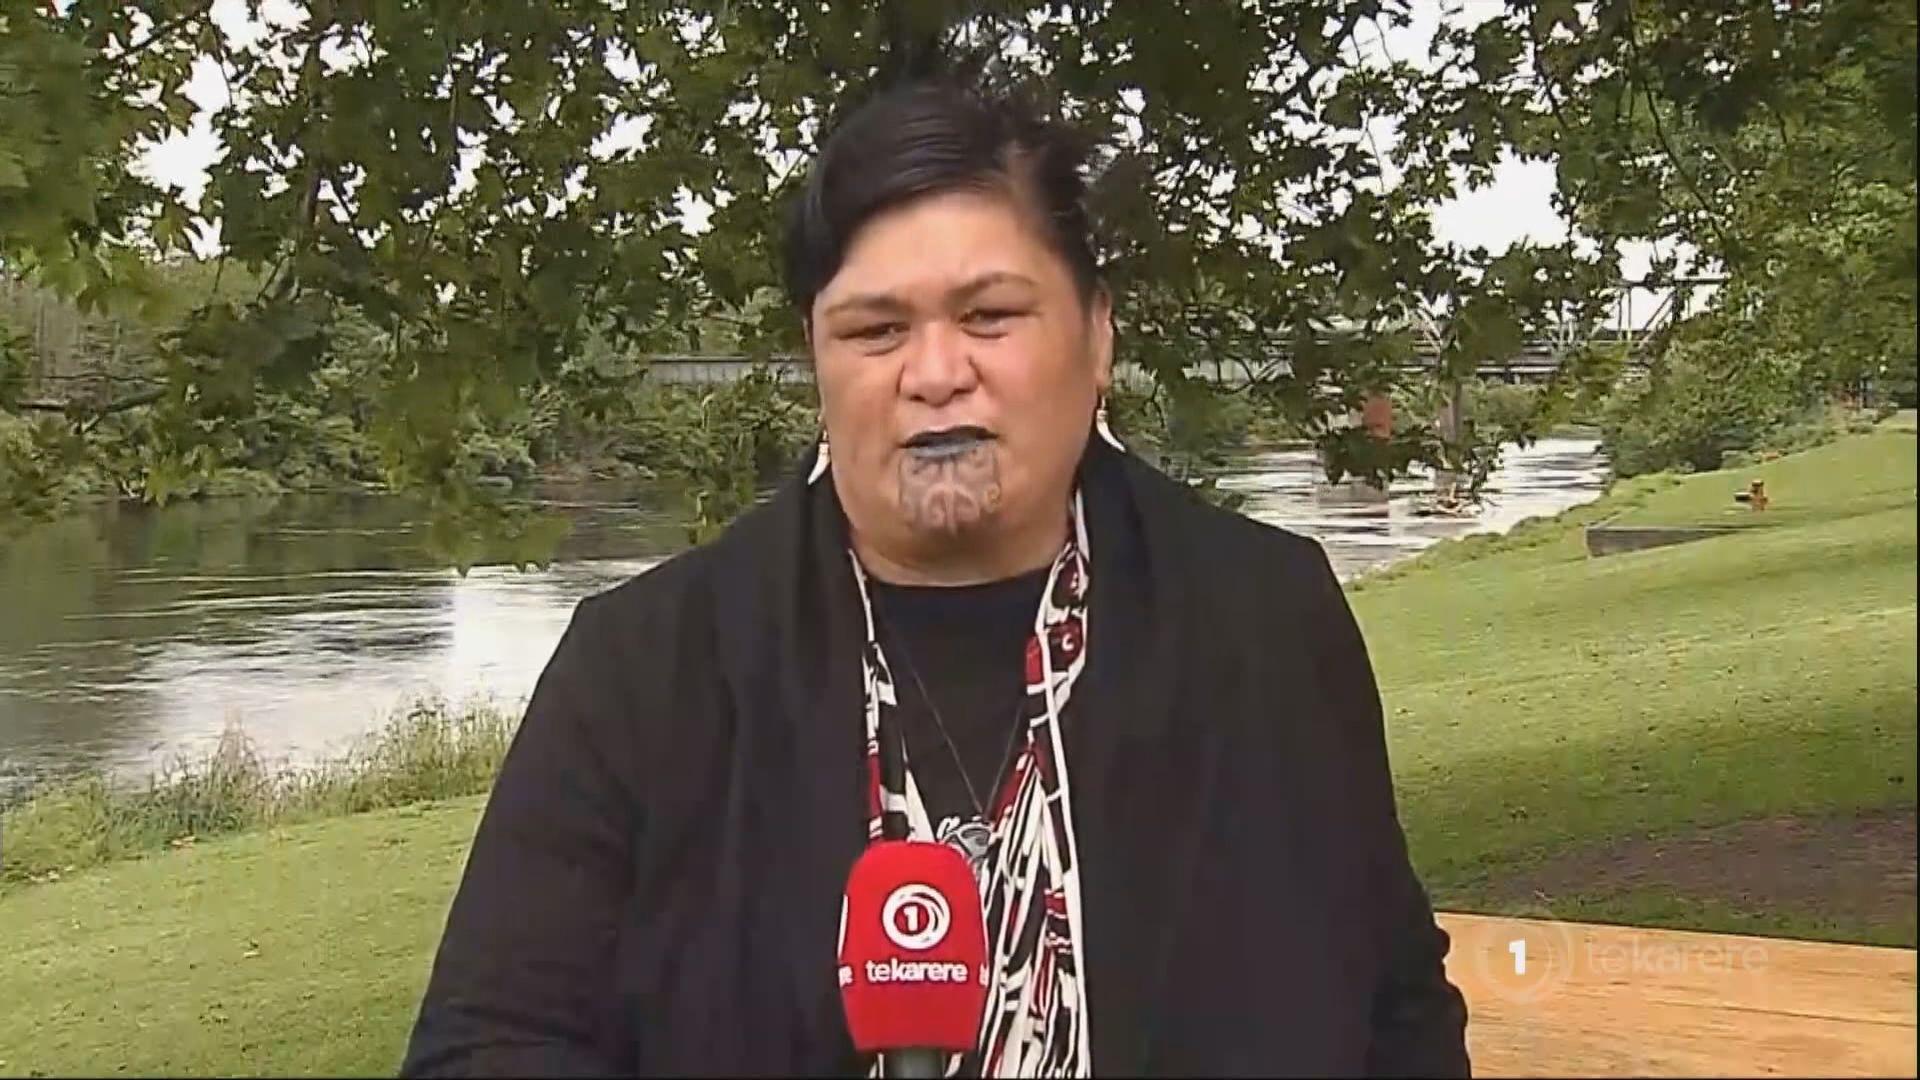 【環球薈報】新西蘭作家批評新任外長紋身 作品遭下架